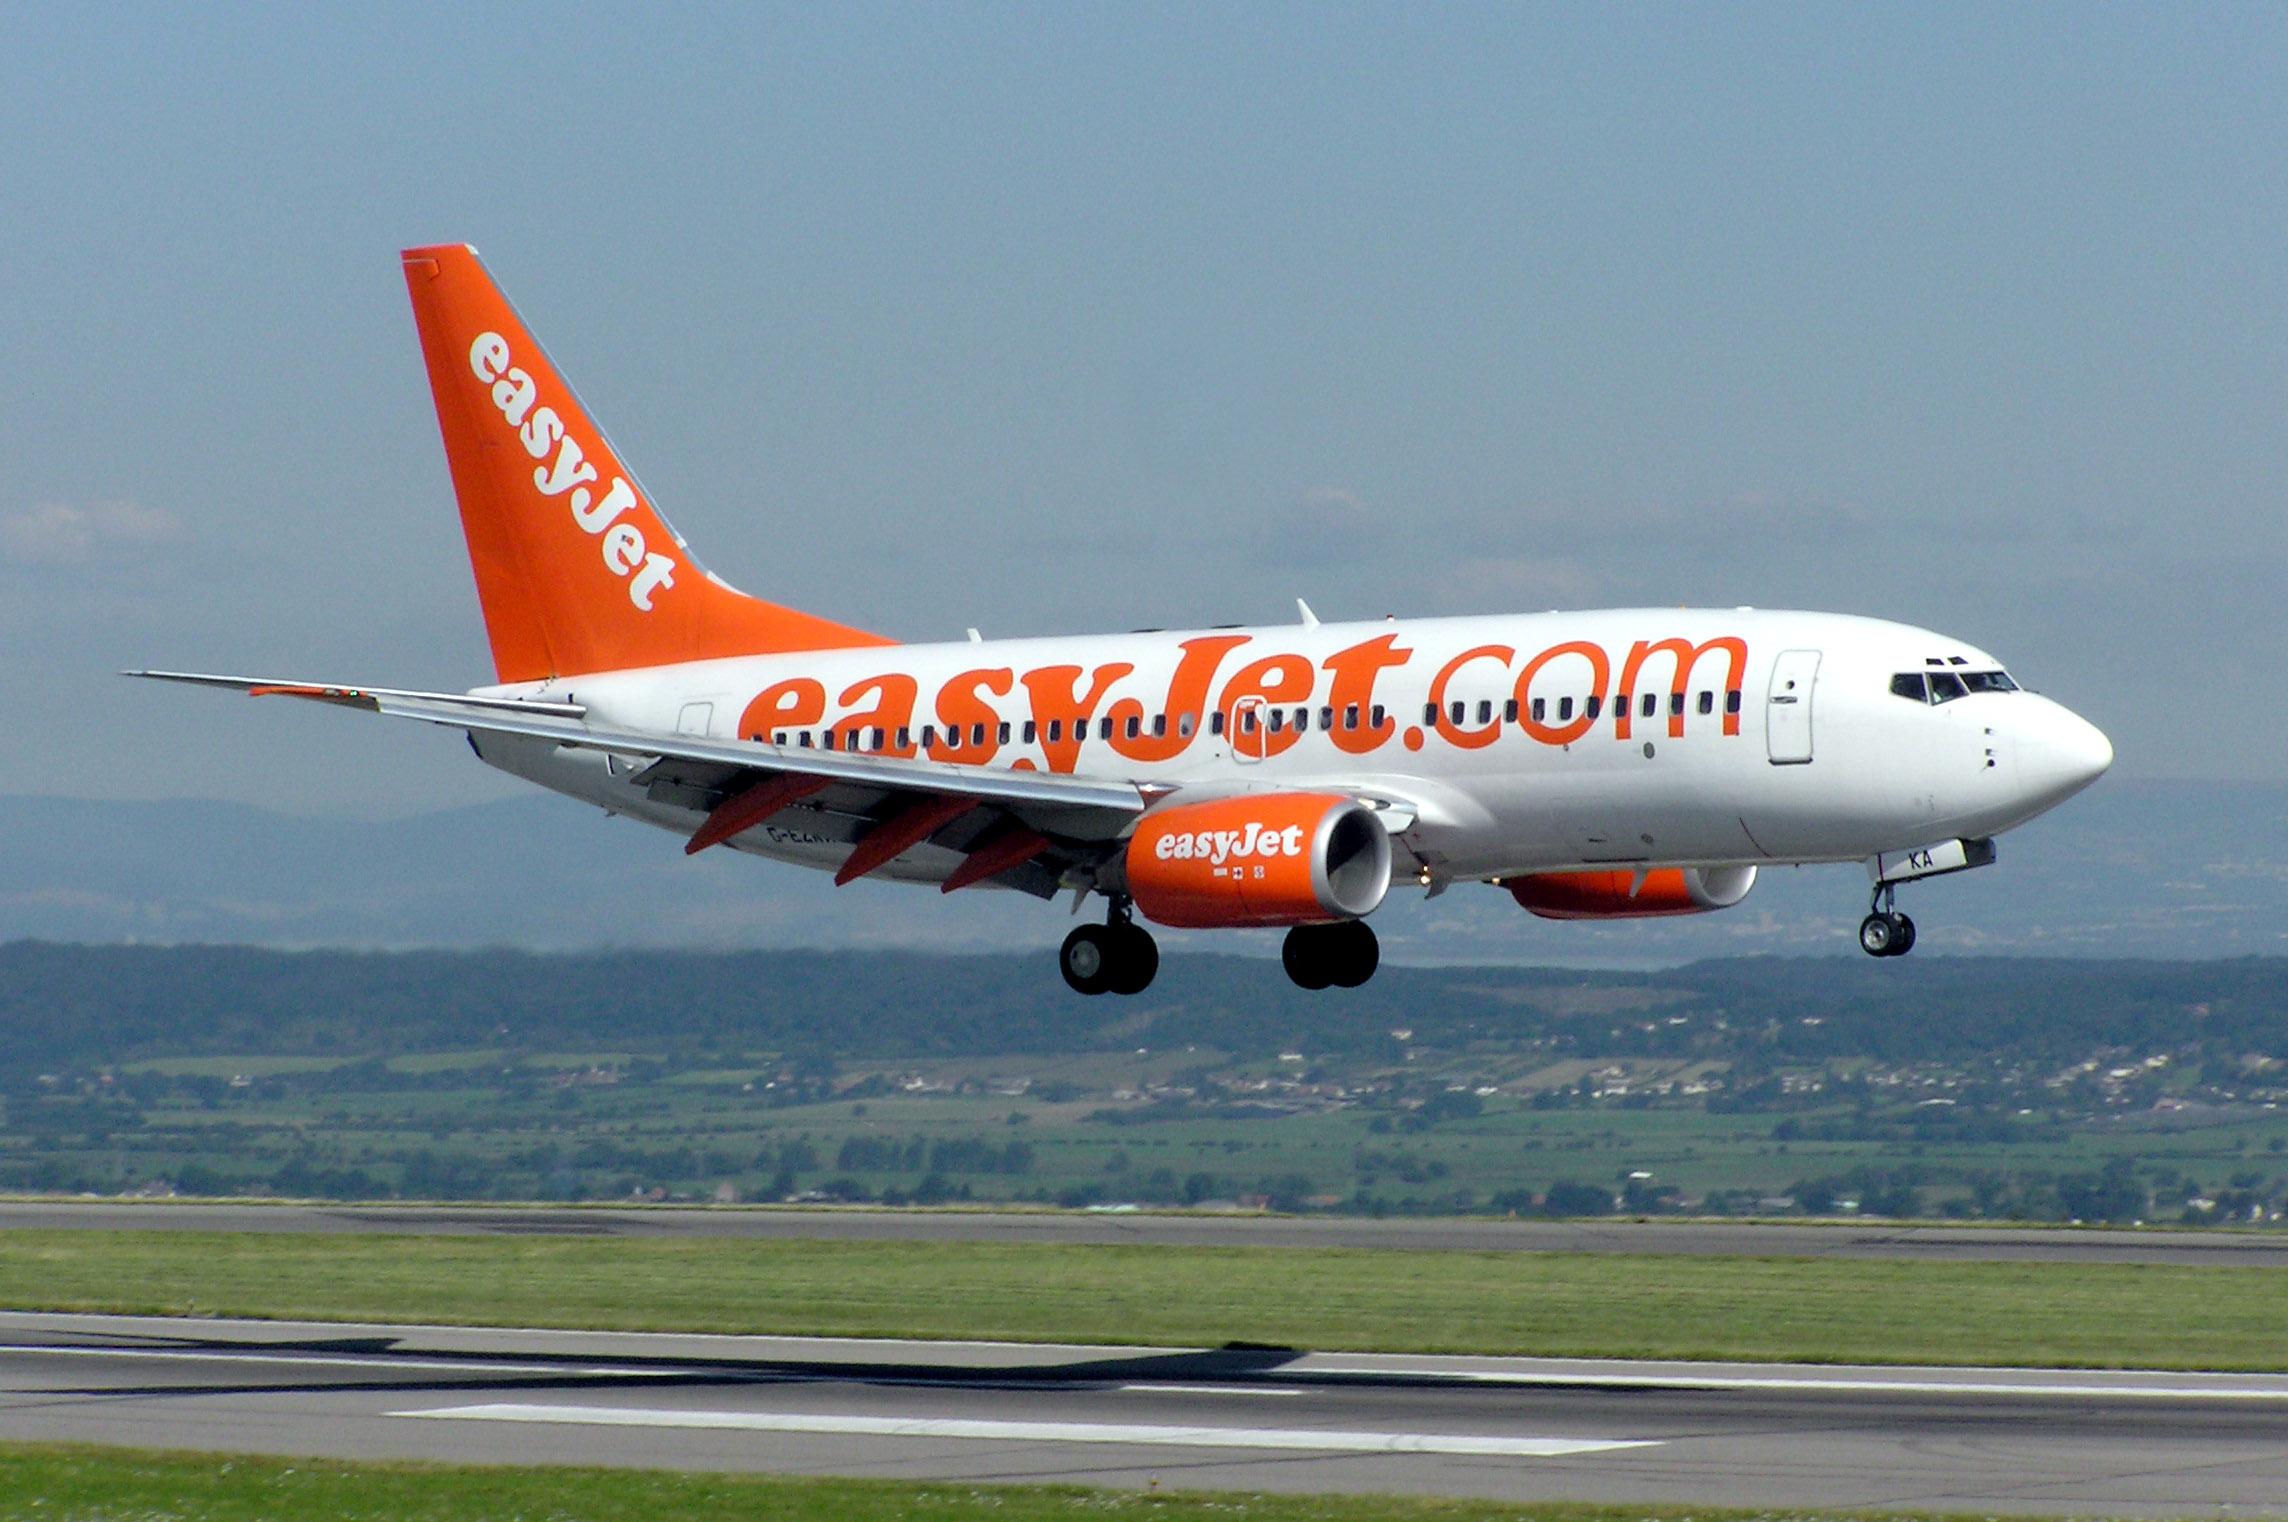 Avião da companhia aérea EasyJet